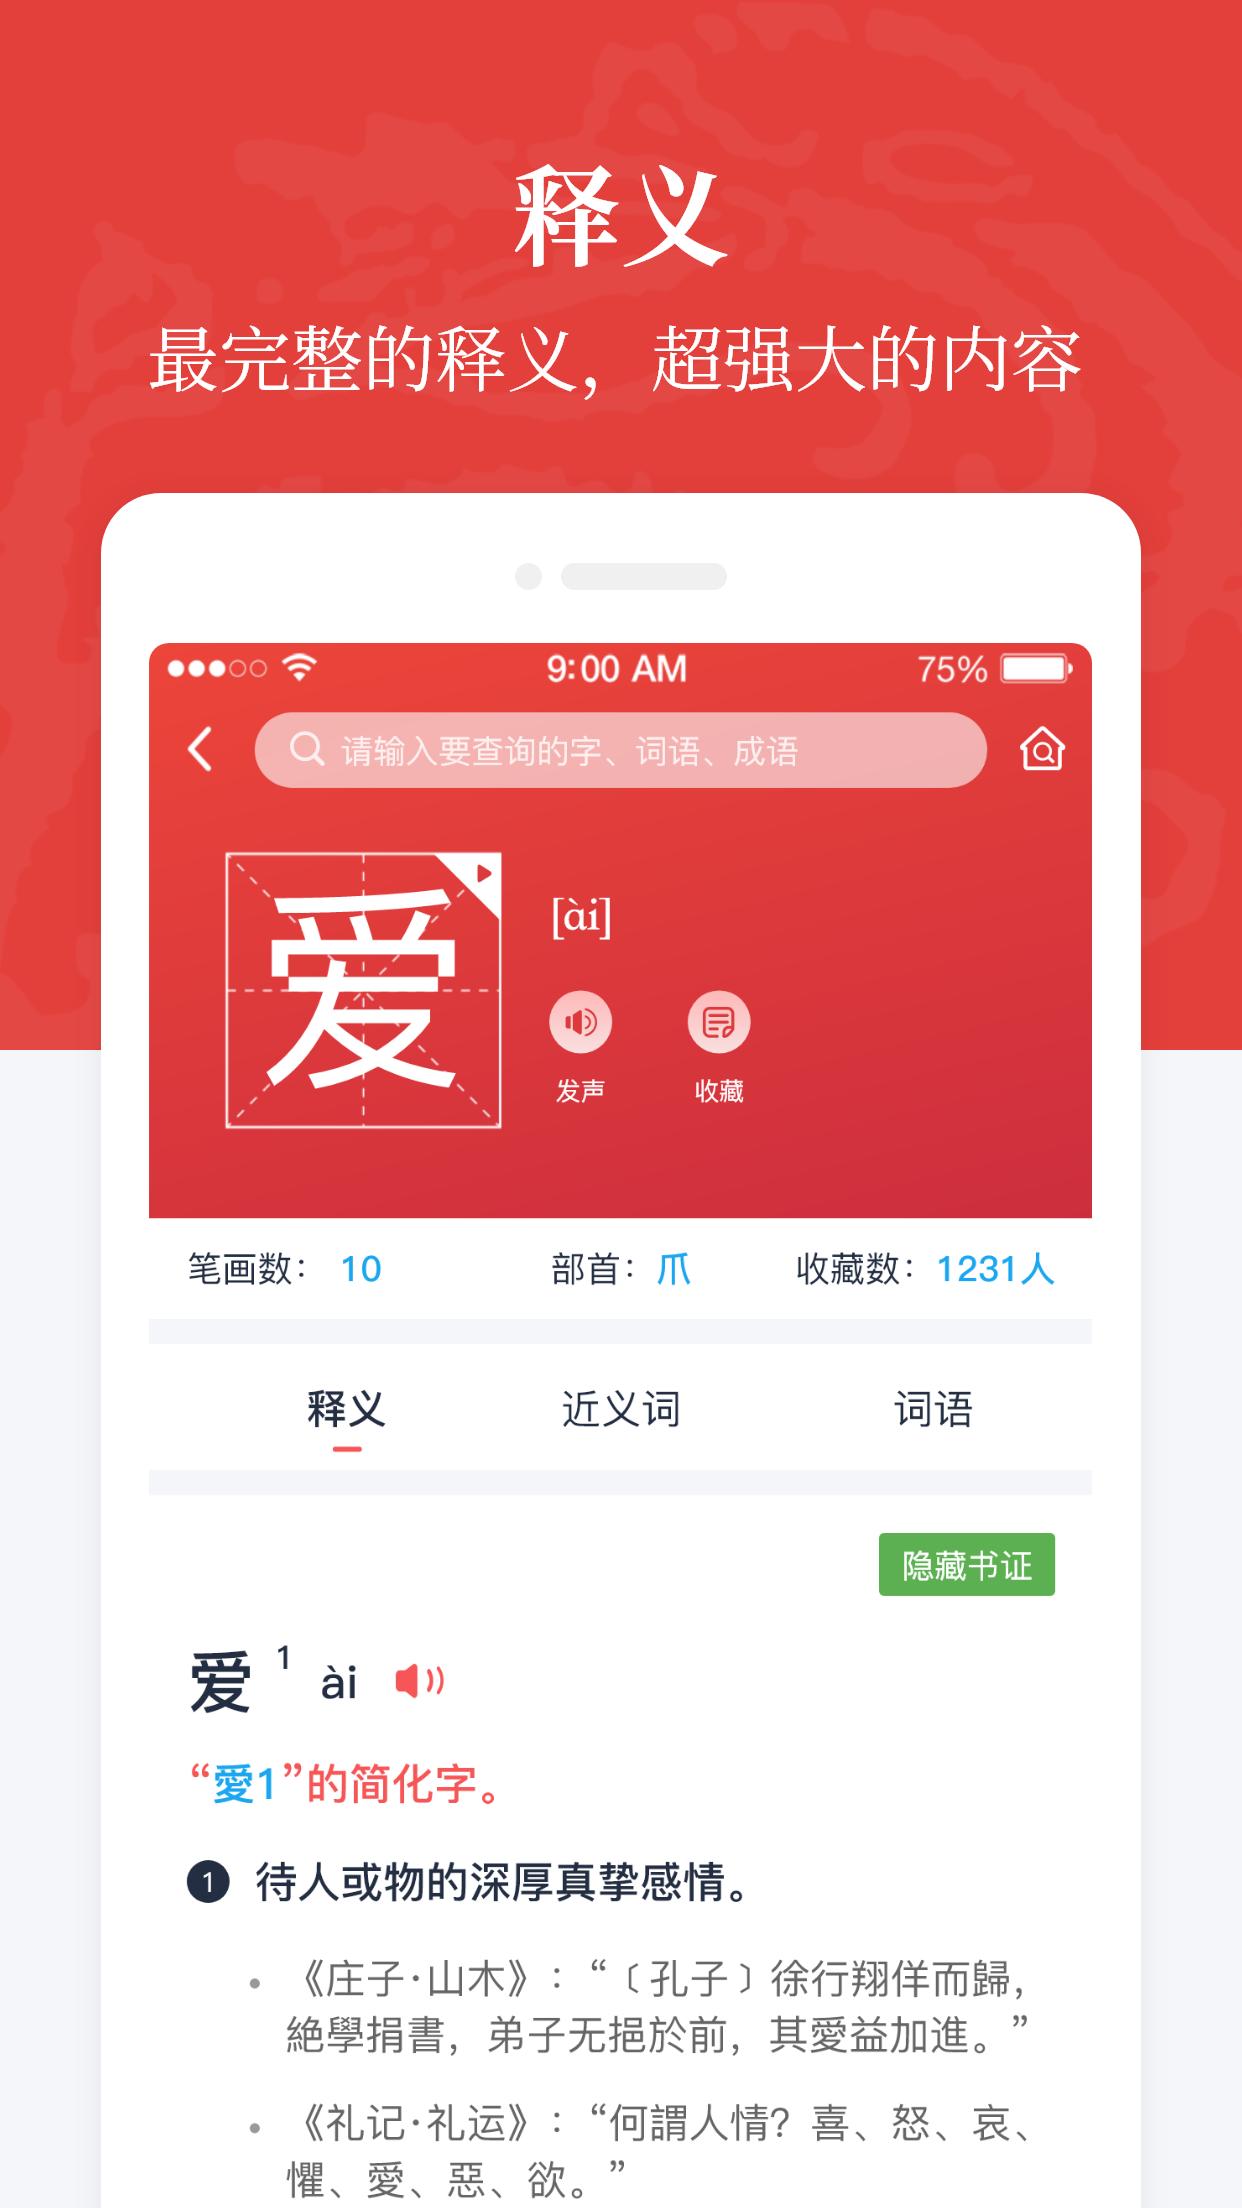 汉语大词典APP V1.0.11 安卓版截图2